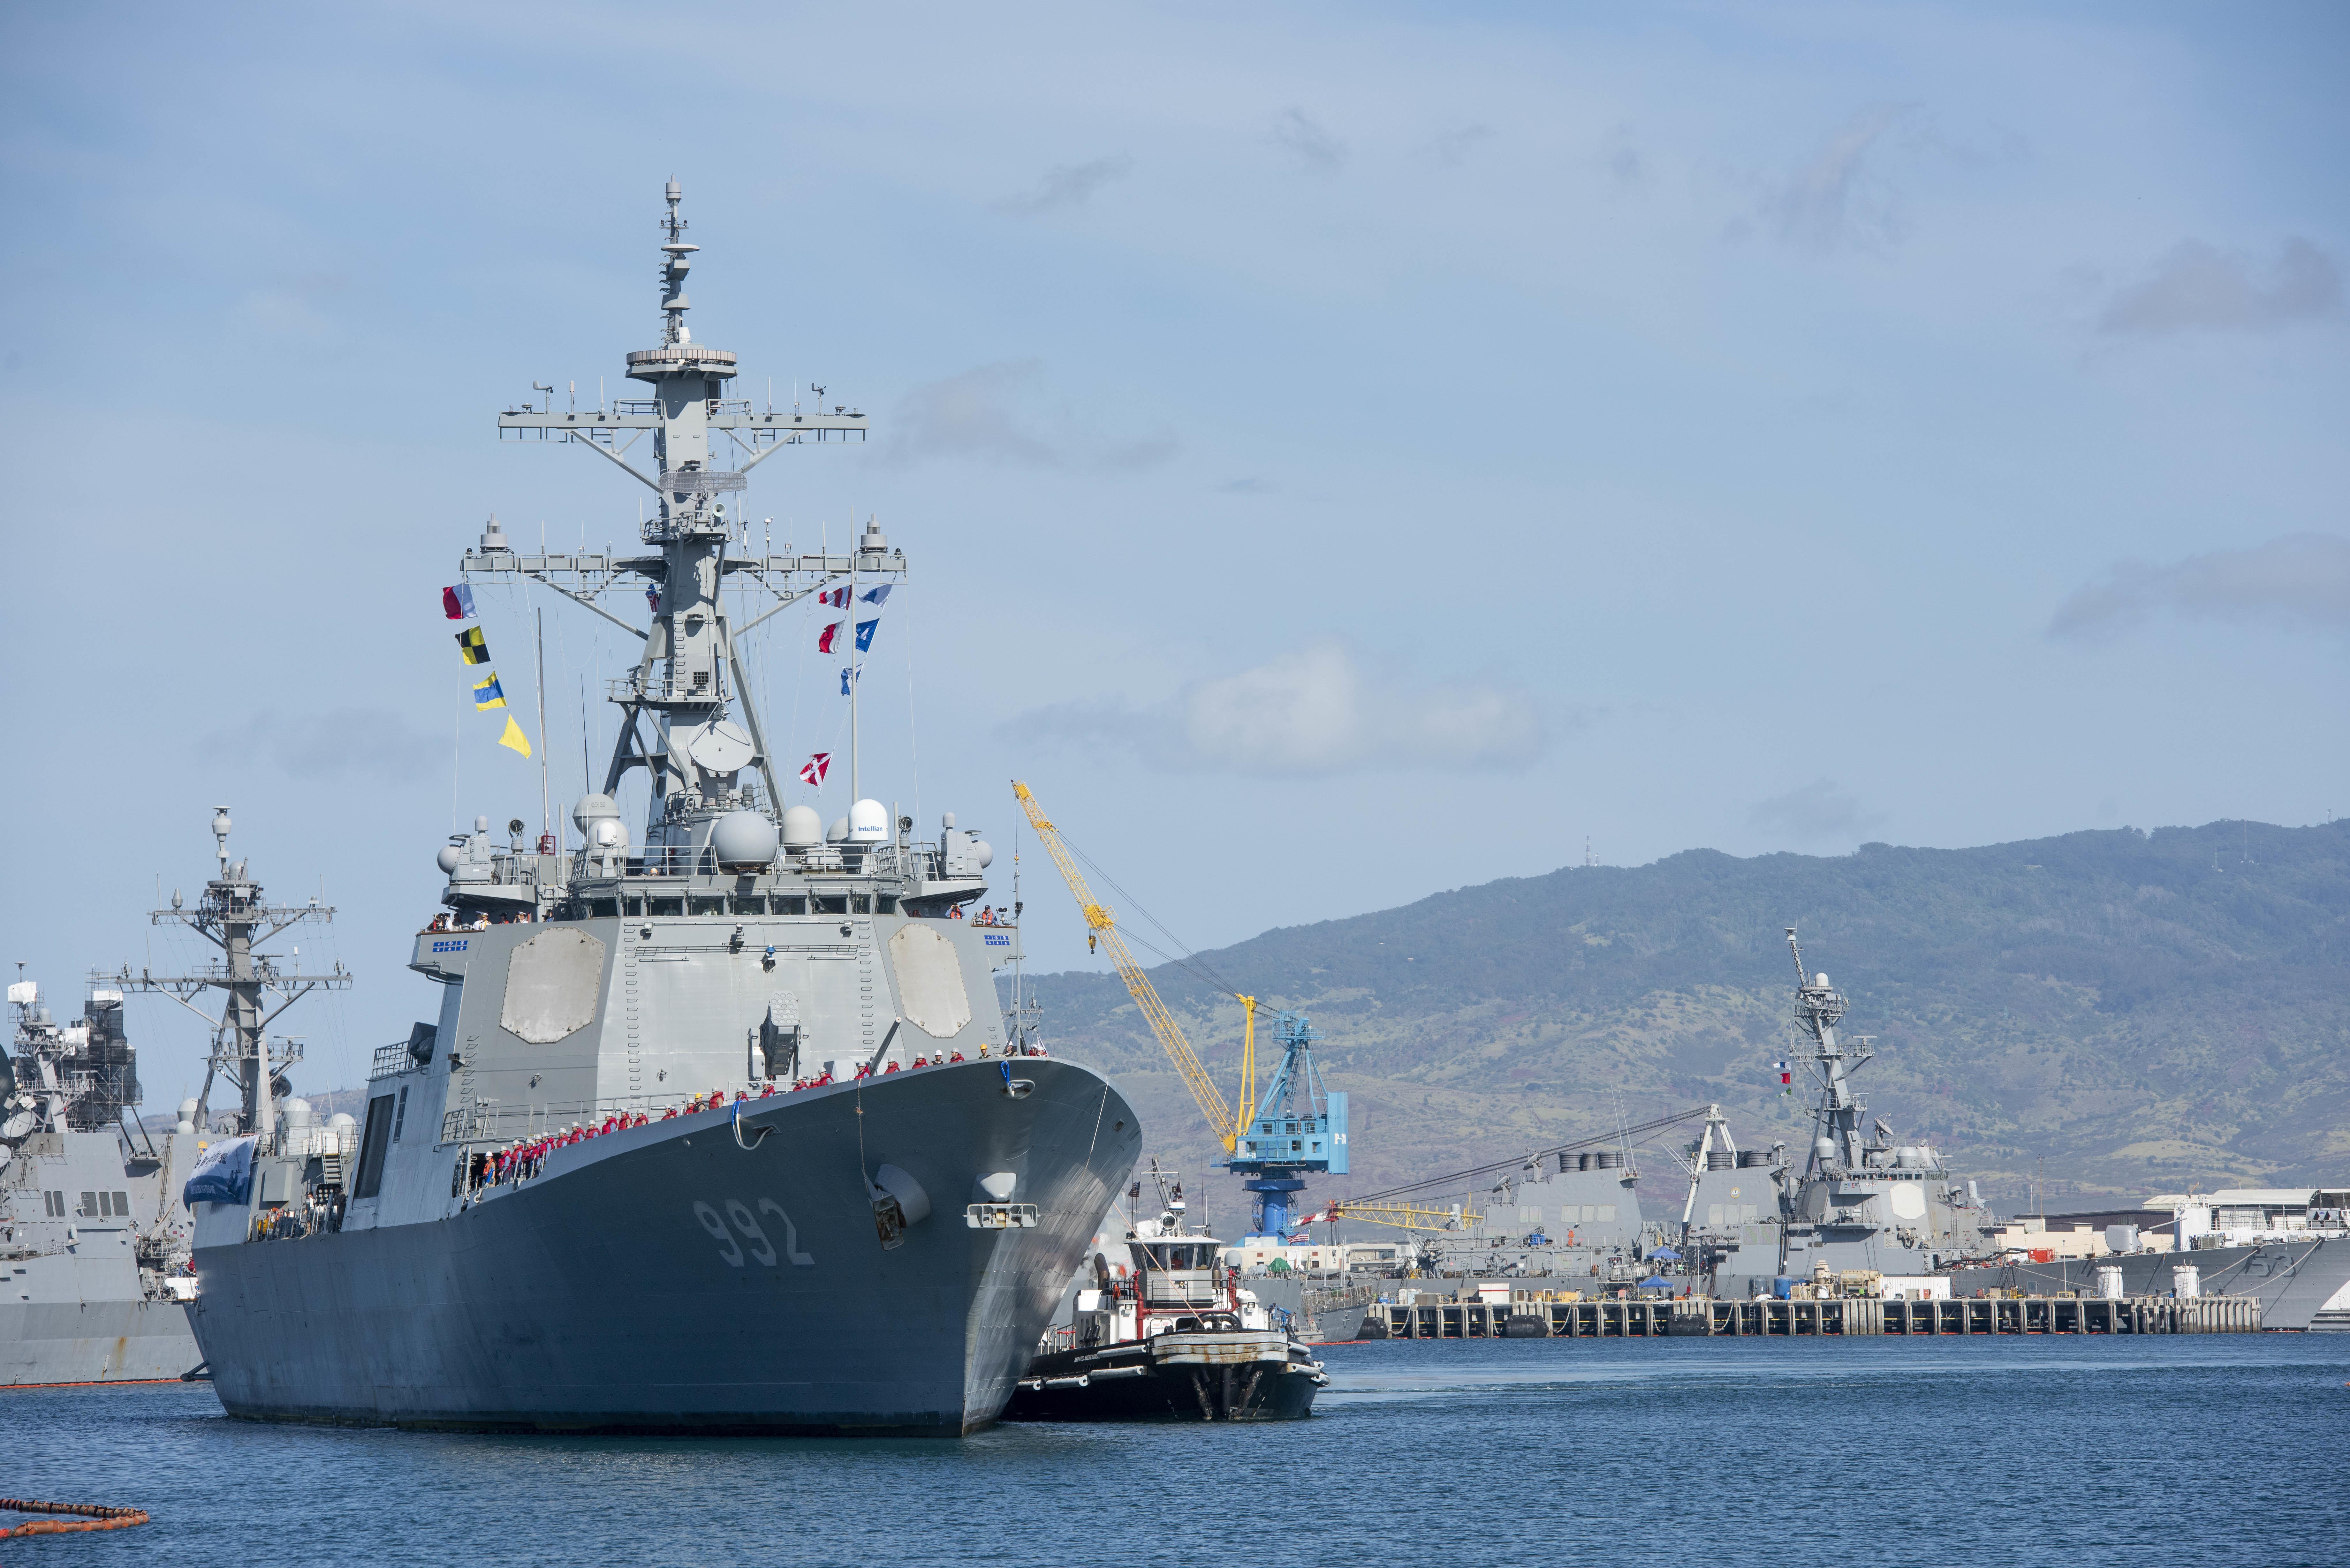 Republic of Korea Navy - Marine de la Corée du Sud - Page 4 41864393425_45aae59558_o